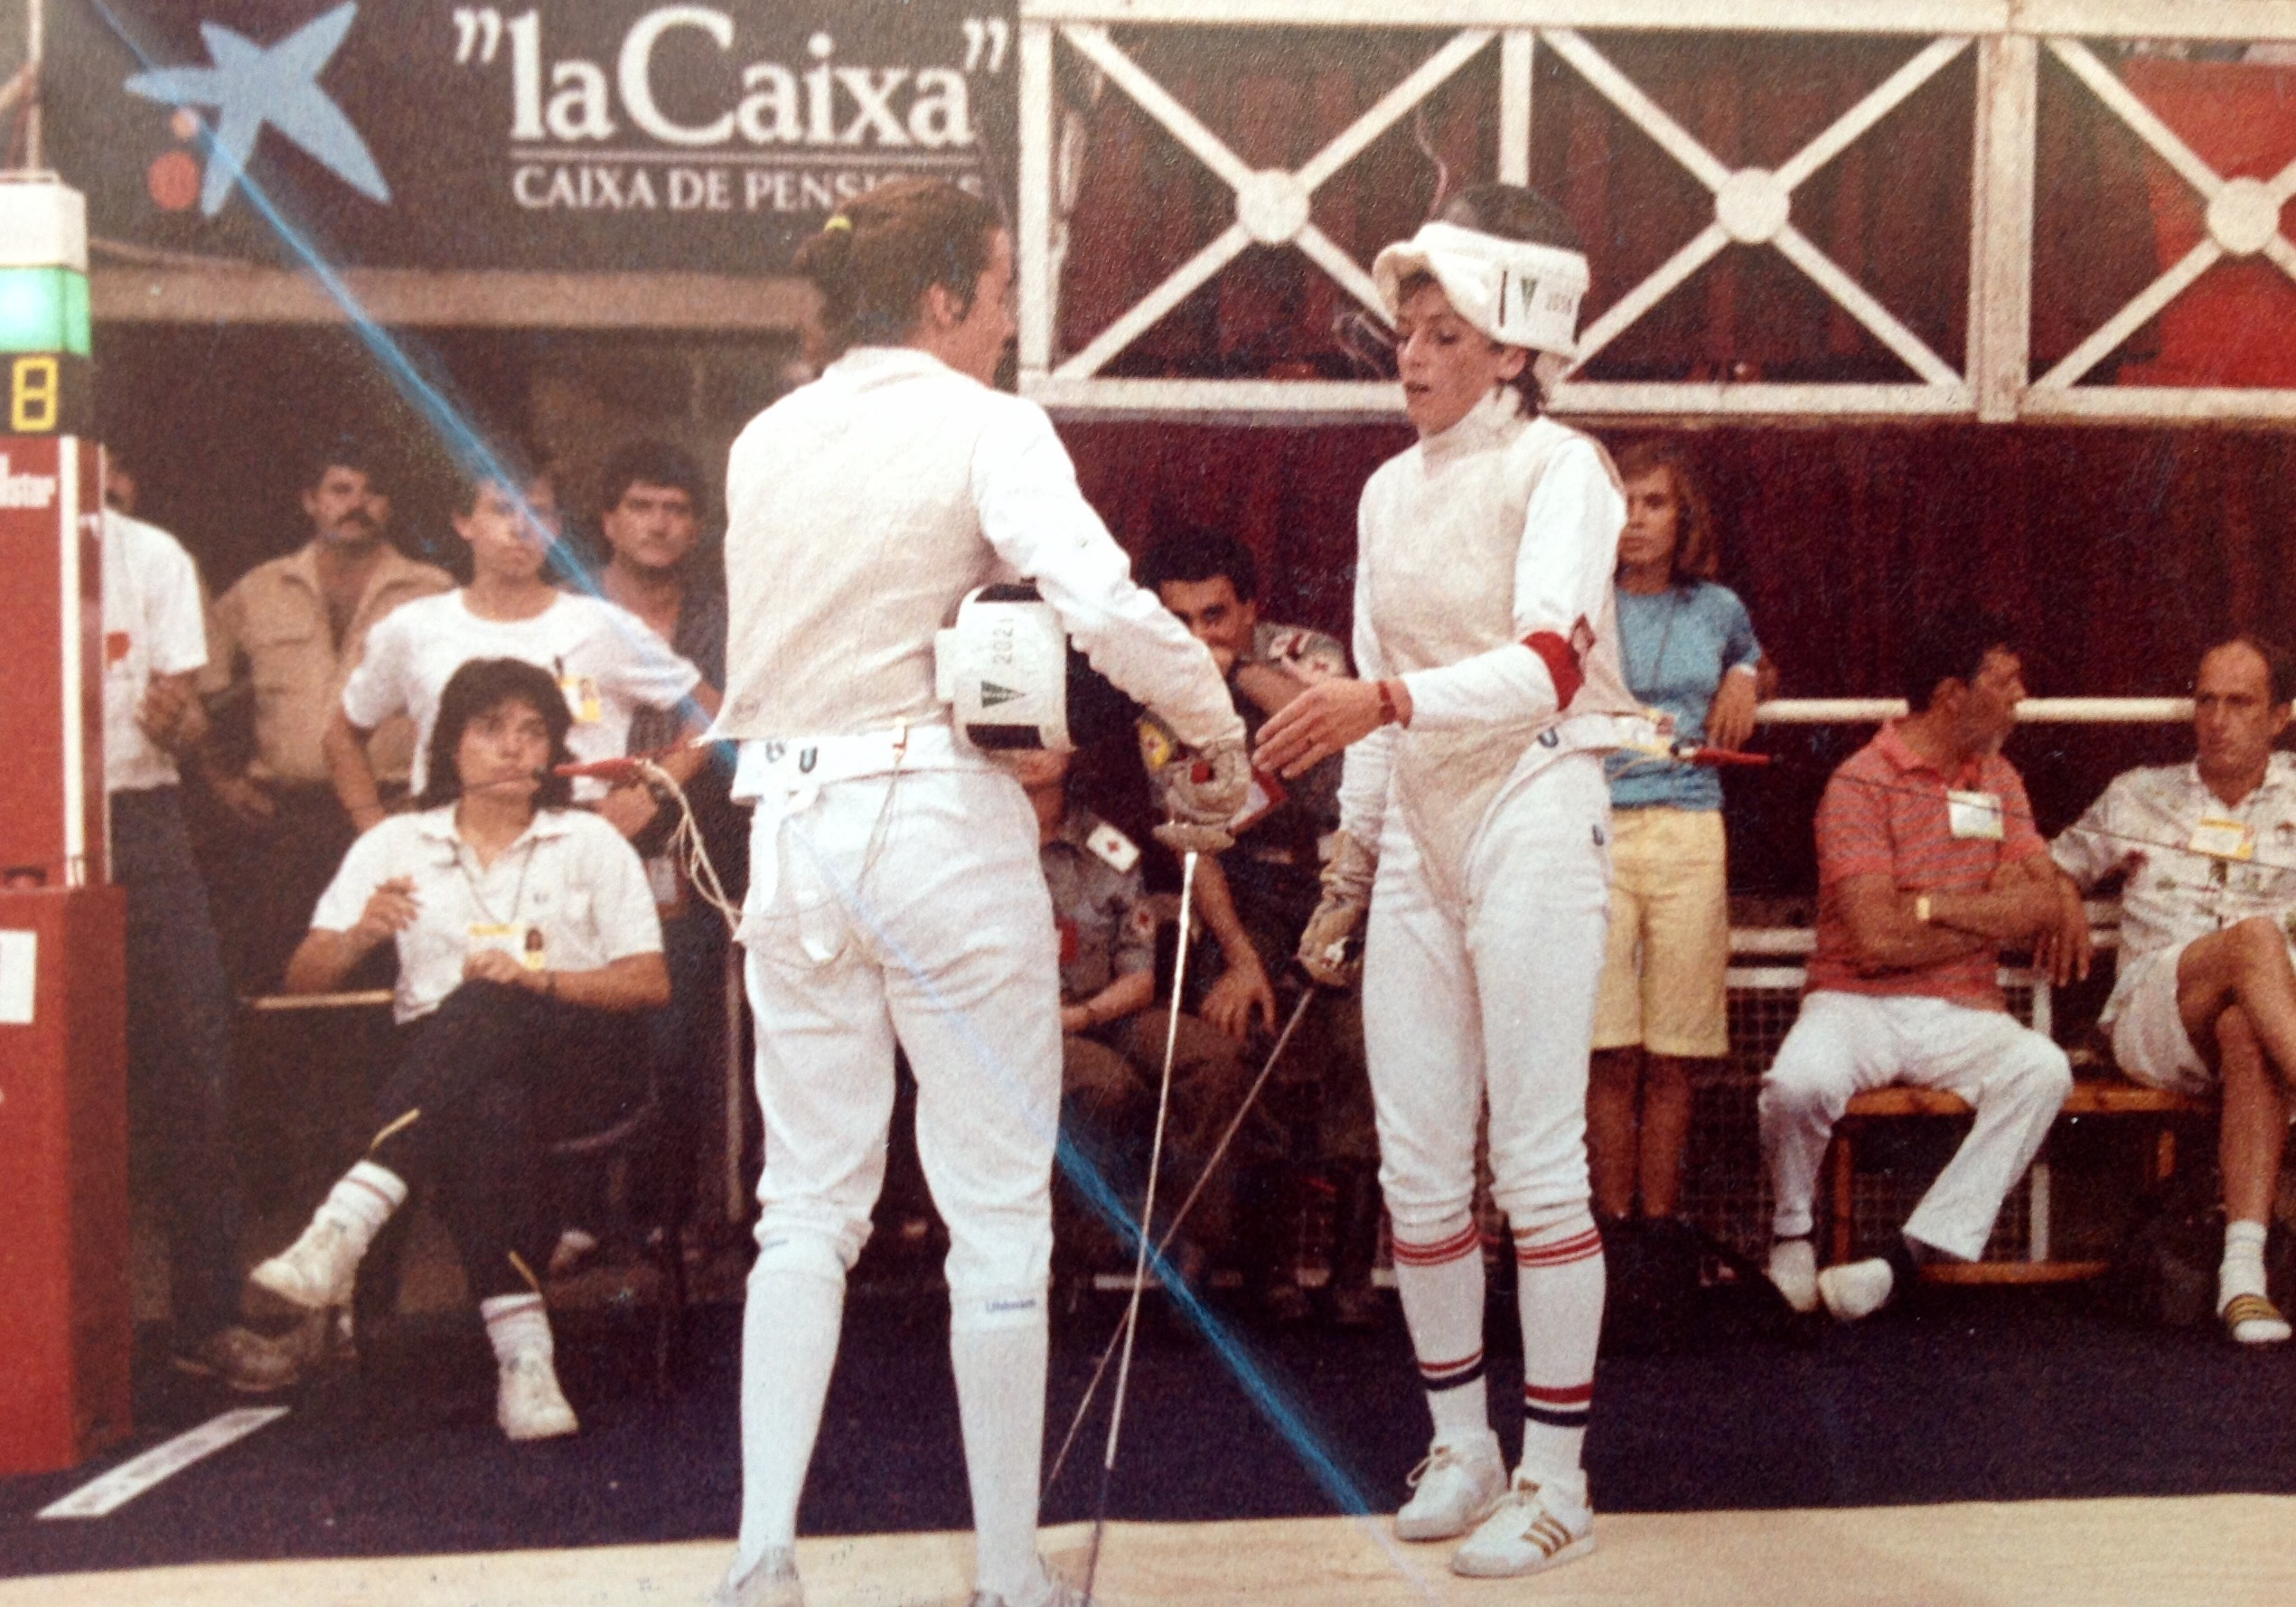 Mistrzostwo Polski Juniorów w szermierce 1978 r. dla Małgorzaty Nogal